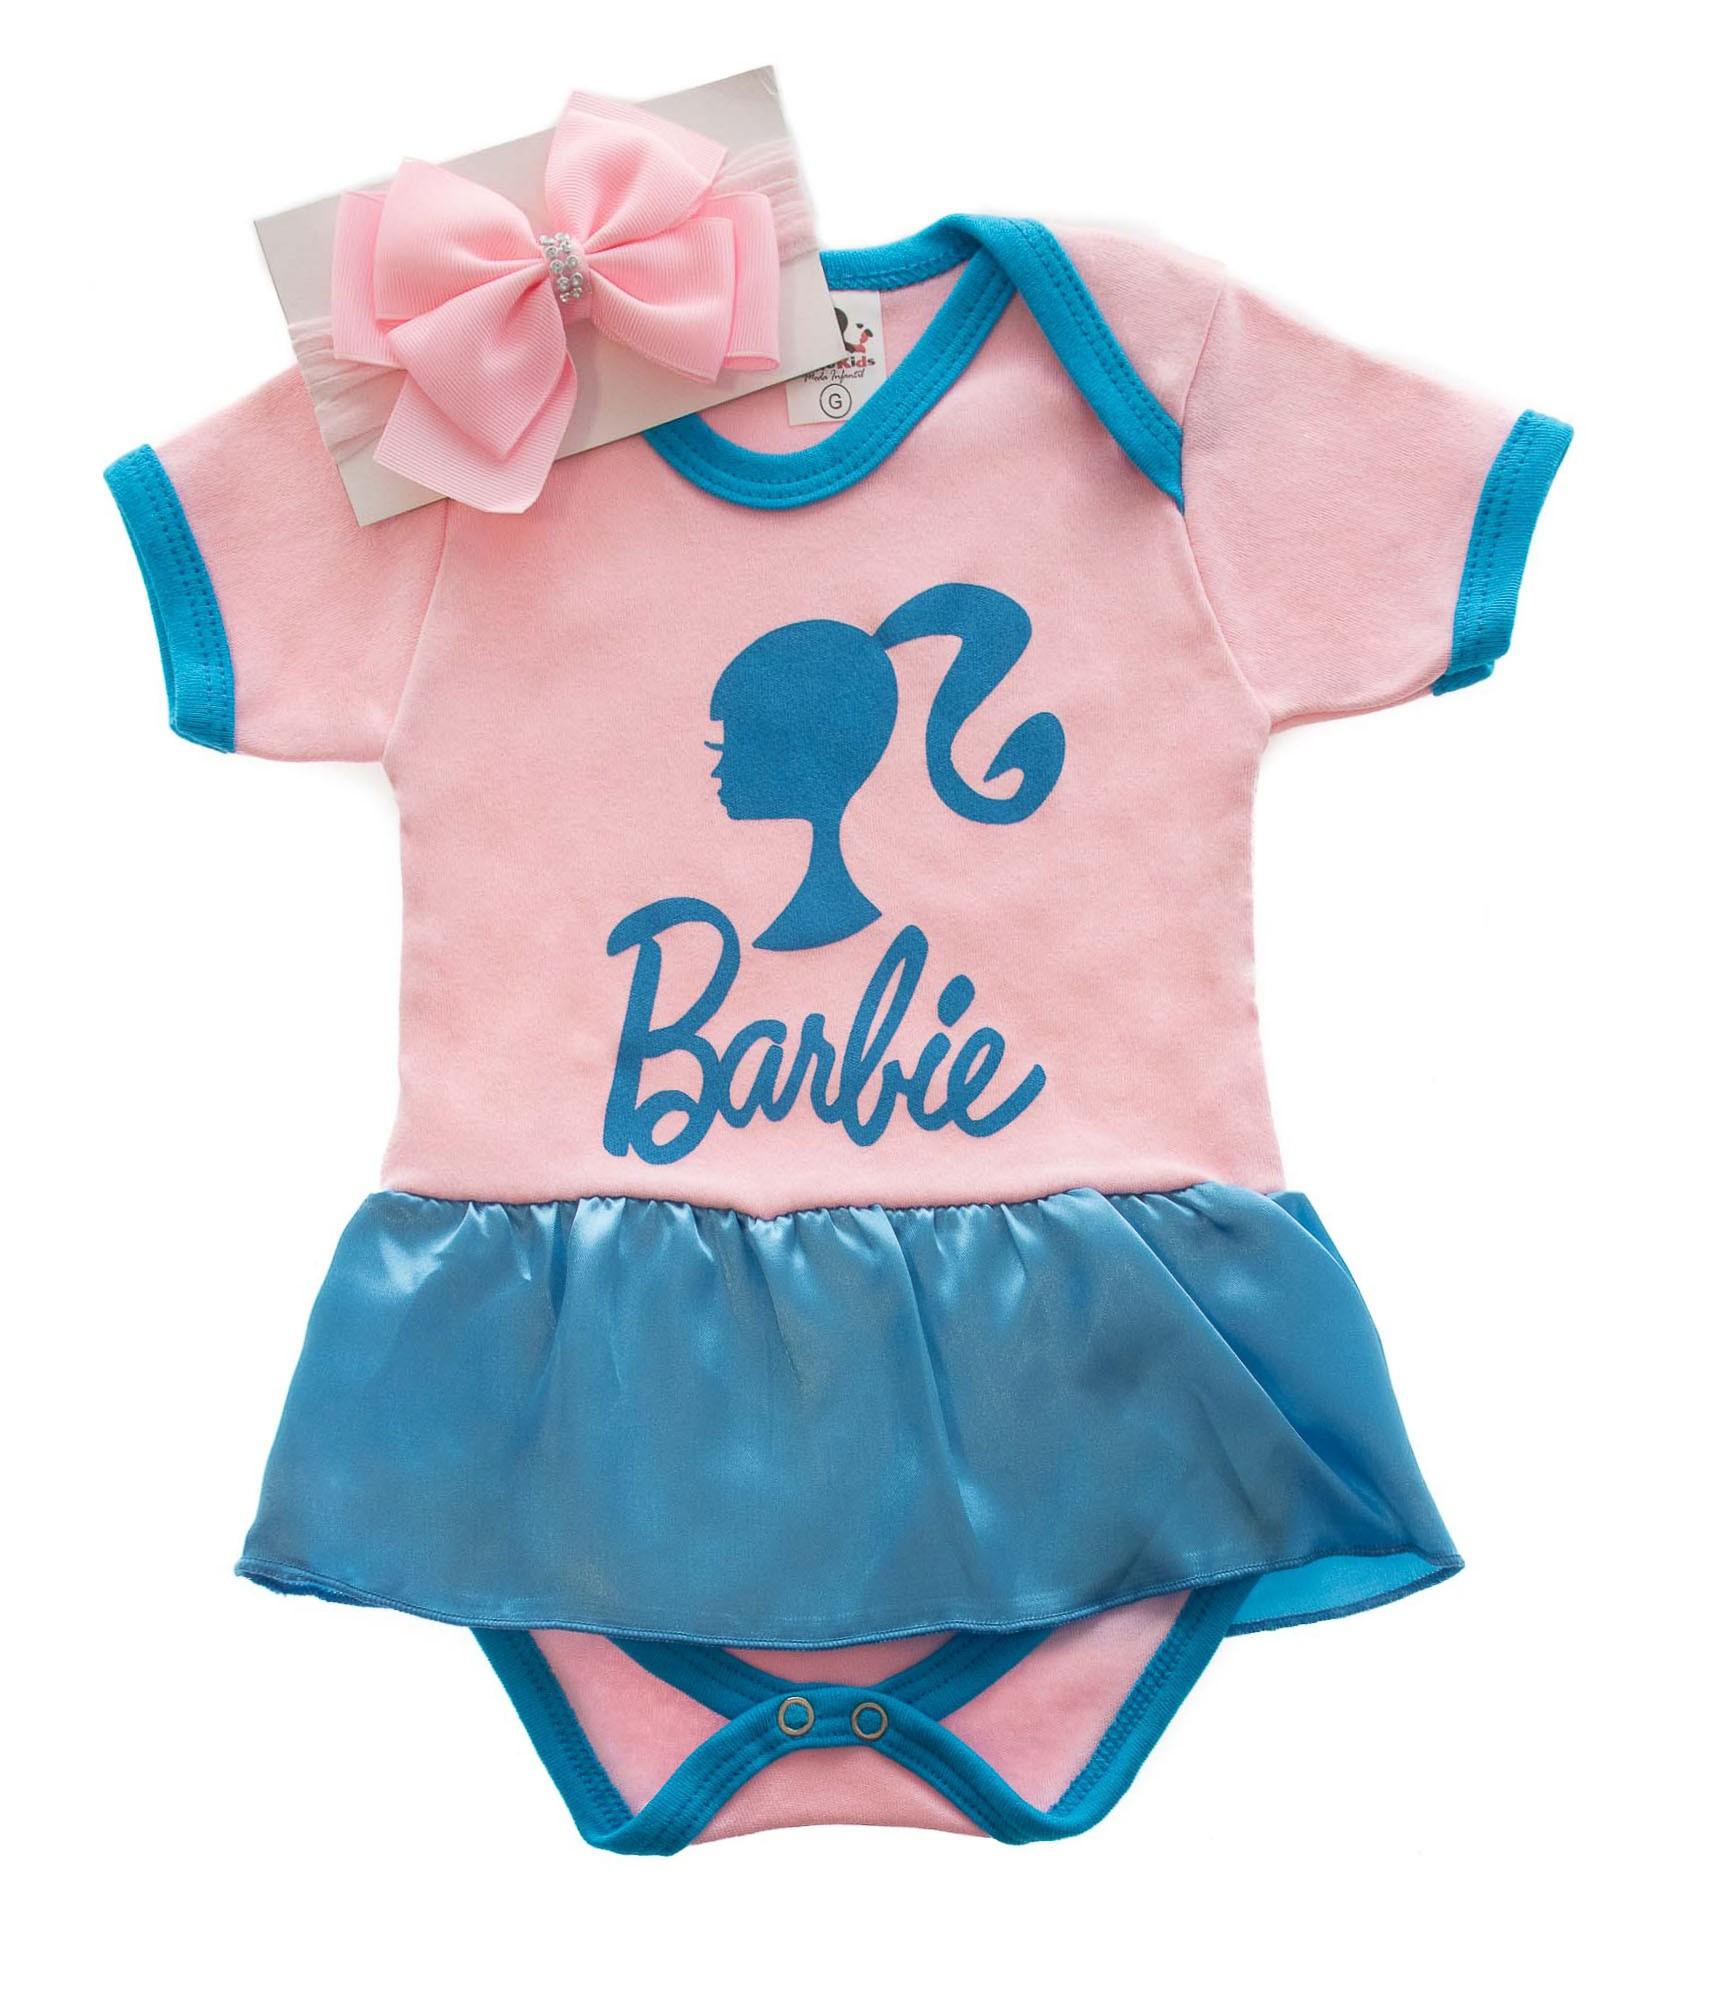 Body Infantil Personagem Barbie com laço